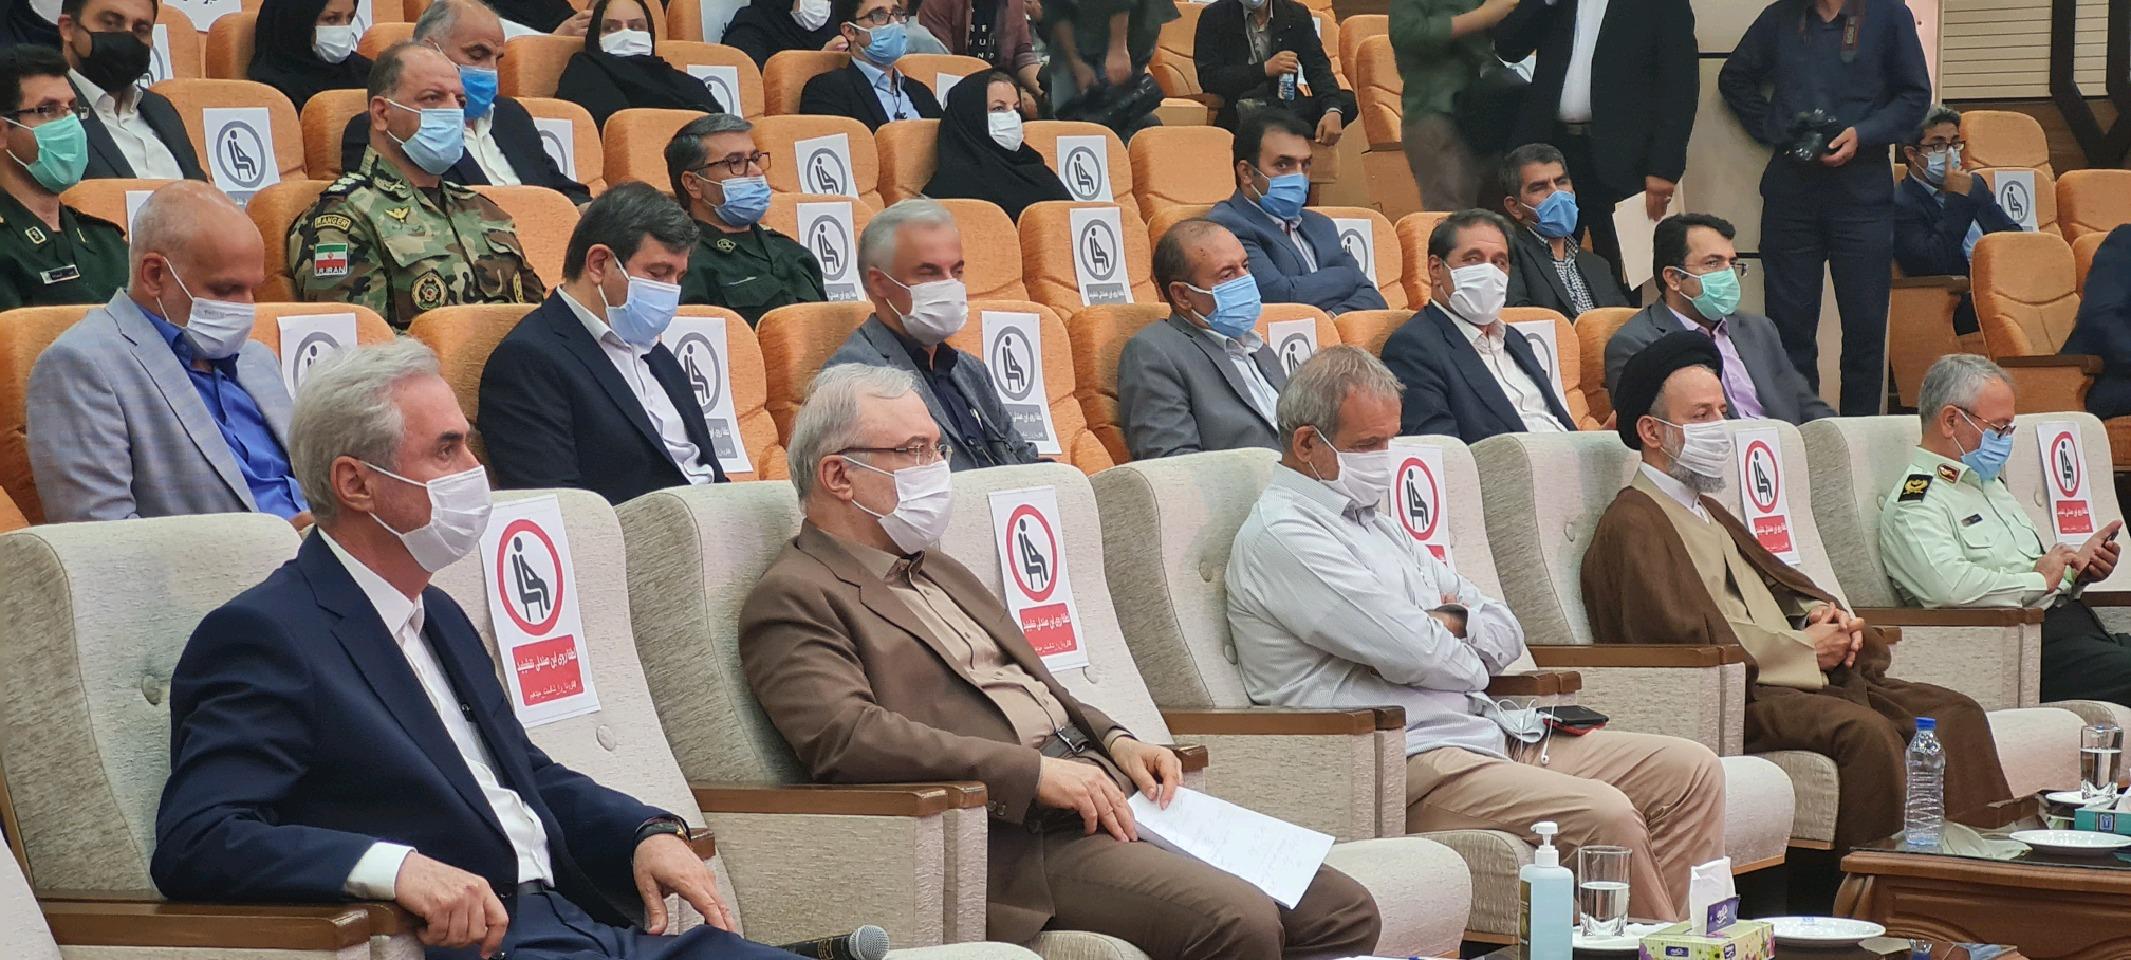 افتتاح ۵۱ طرح دانشگاه علوم پزشکی تبریز